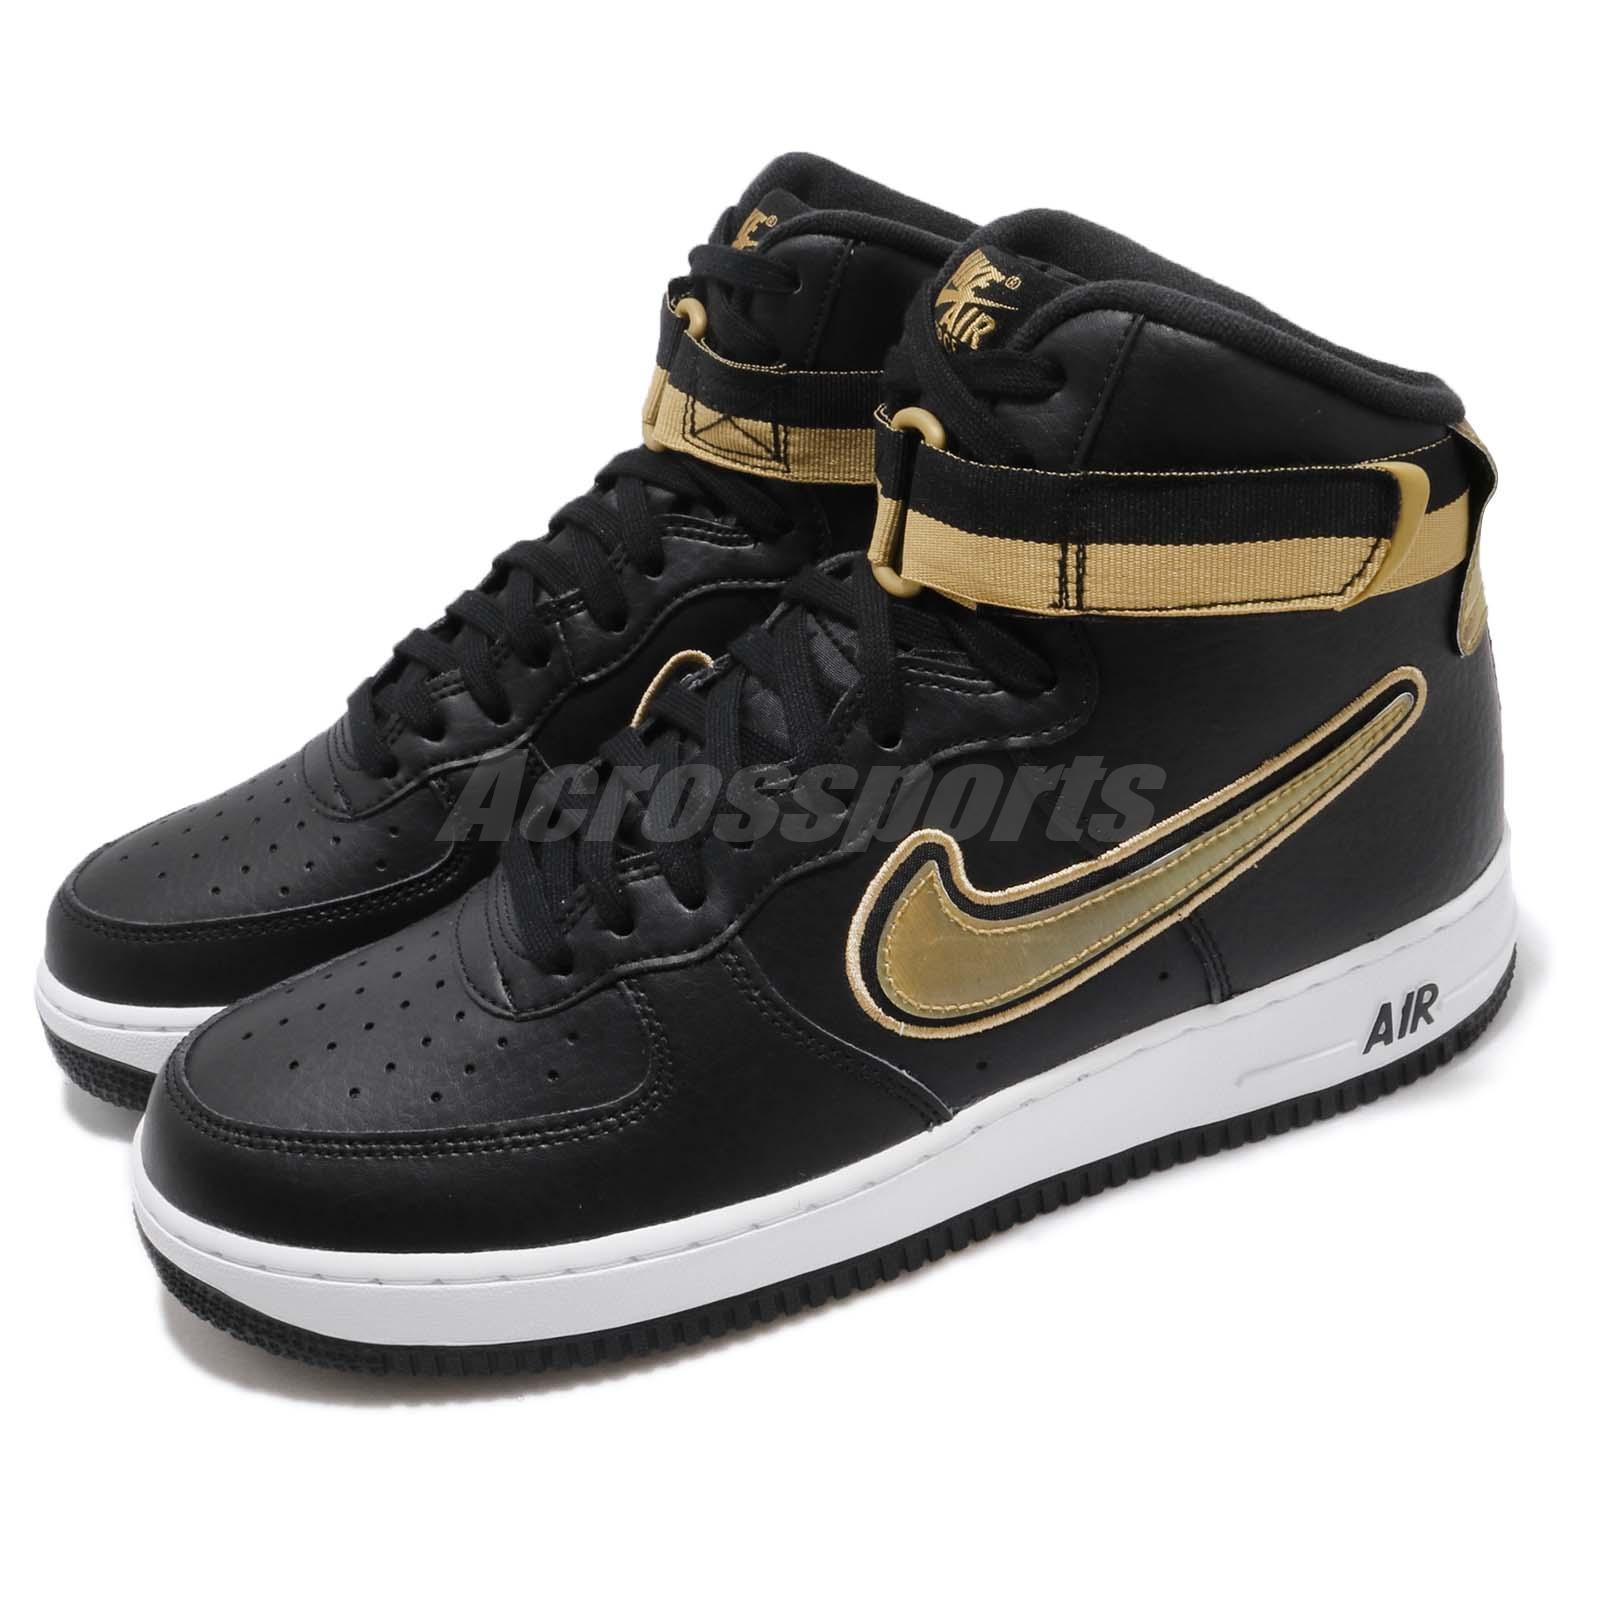 wholesale dealer 3ff05 5a8ef Details about Nike Air Force 1 High 07 LV8 Sport NBA Black Metallic Gold AF1  Men AV3938-001